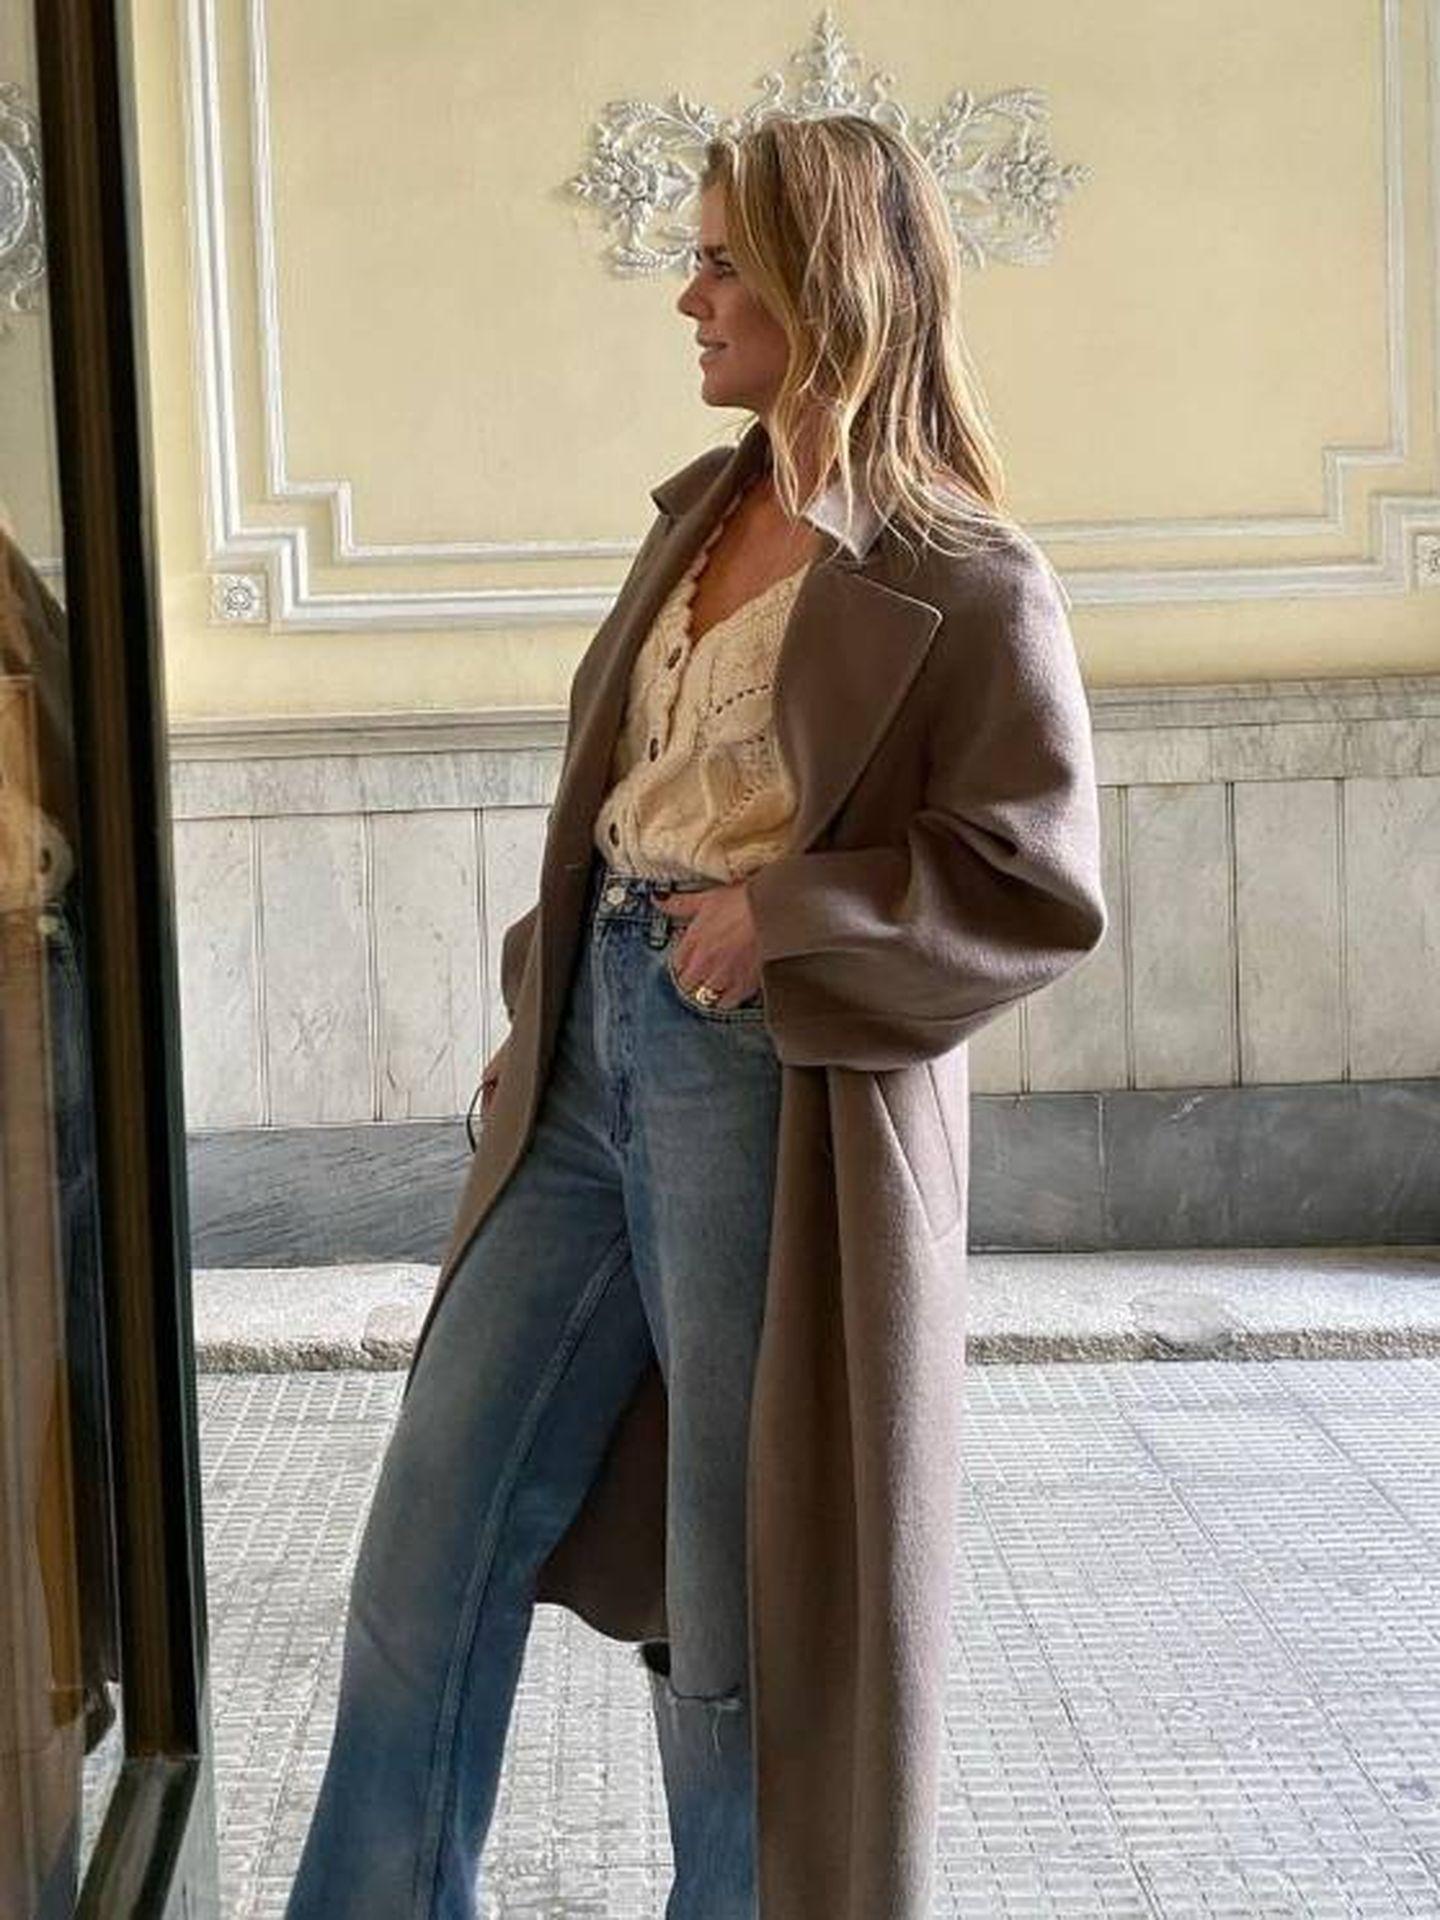 Amelia Bono y su look con básicos de Zara. (Instagram @ameliabono)